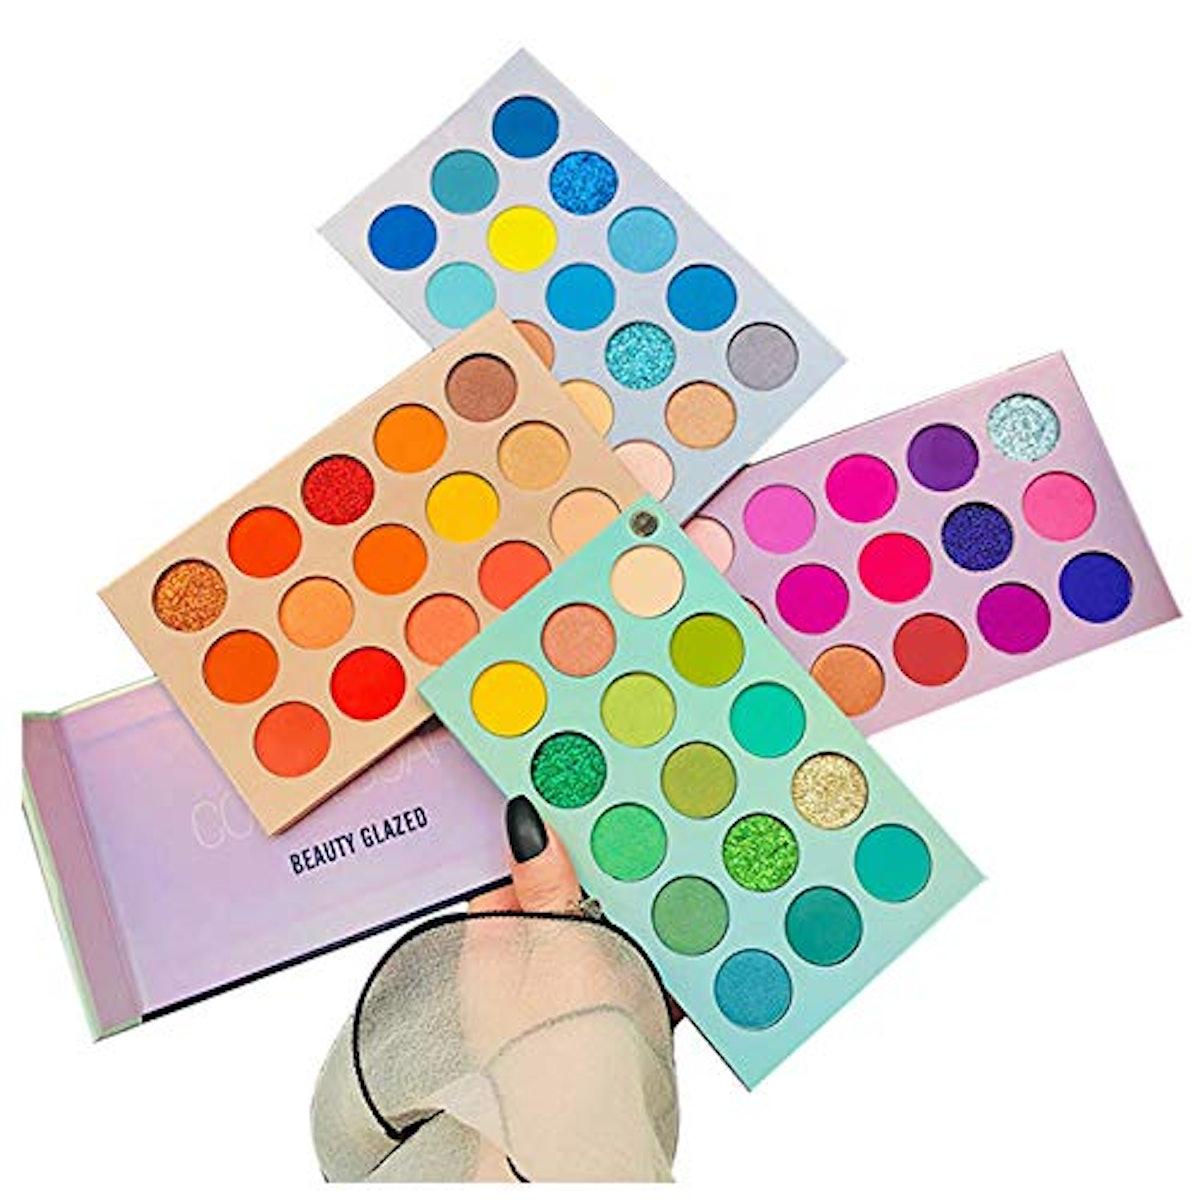 BestLand 60 Colors Eyeshadow Palette